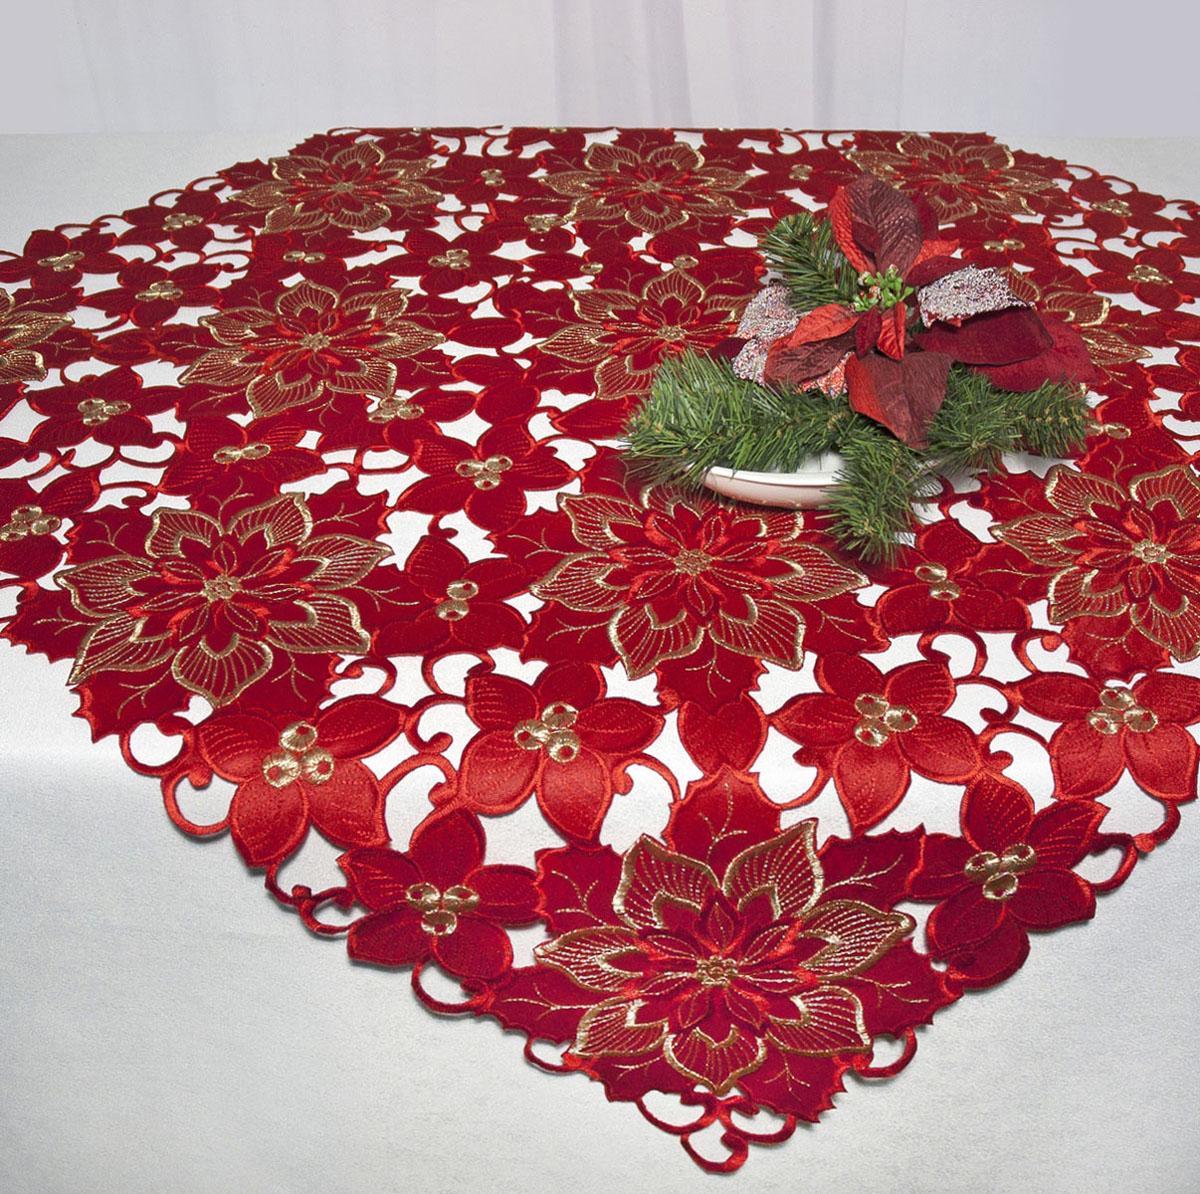 Скатерть Schaefer, квадратная, цвет: красный, 85x 85 см. 07482-10007247-427Скатерть Schaefer изготовлена из полиэстера и декорирована вышитыми в технике ришелье цветами.Изделия из полиэстера легко стирать: они не мнутся, не садятся и быстро сохнут, они более долговечны, чем изделия из натуральных волокон. Кроме того, ткань обладает водоотталкивающими свойствами. Такая скатерть будет просто не заменима на кухне, а особенно на вашем обеденном столе на даче под открытым небом. Скатерть Schaefer не останется без внимания ваших гостей, а вас будет ежедневно радовать ярким дизайном и несравненным качеством.Немецкая компания Schaefer создана в 1921 году. На протяжении всего времени существования она создает уникальные коллекции домашнего текстиля для гостиных, спален, кухонь и ванных комнат. Дизайнерские идеи немецких художников компании Schaefer воплощаются в текстильных изделиях, которые сделают ваш дом красивее и уютнее и не останутся незамеченными вашими гостями. Дарите себе и близким красоту каждый день! Изысканный текстиль от немецкой компании Schaefer - это красота, стиль и уют в вашем доме.